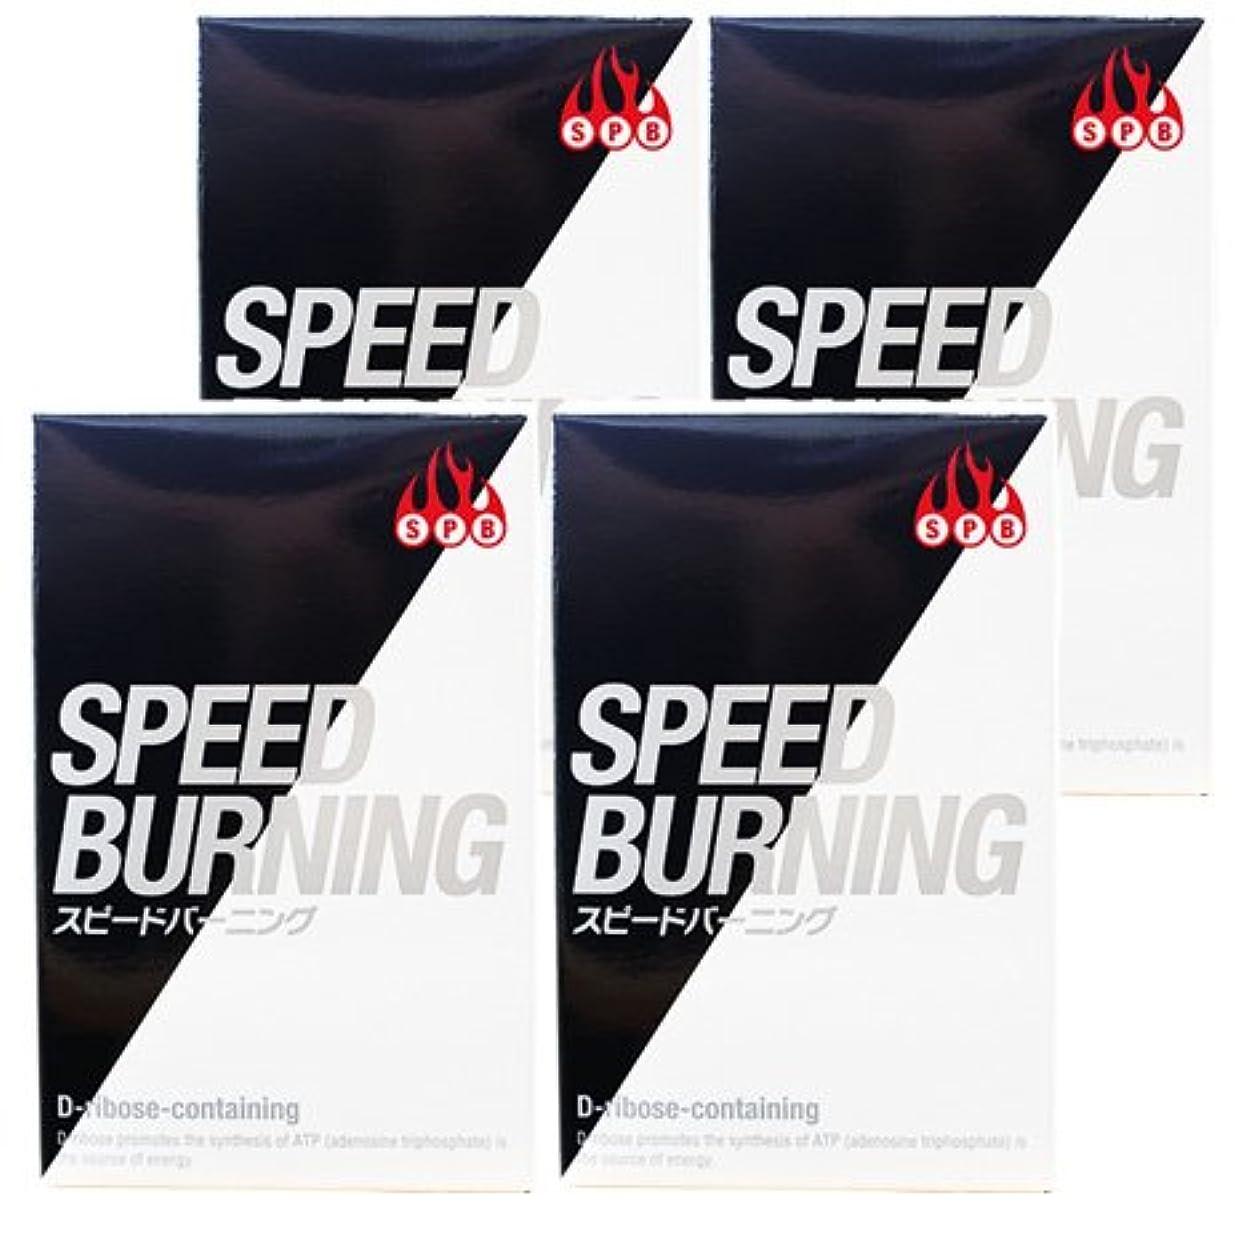 アルカイックコンベンション水族館スピードバーニング SPEED BURNING×4個